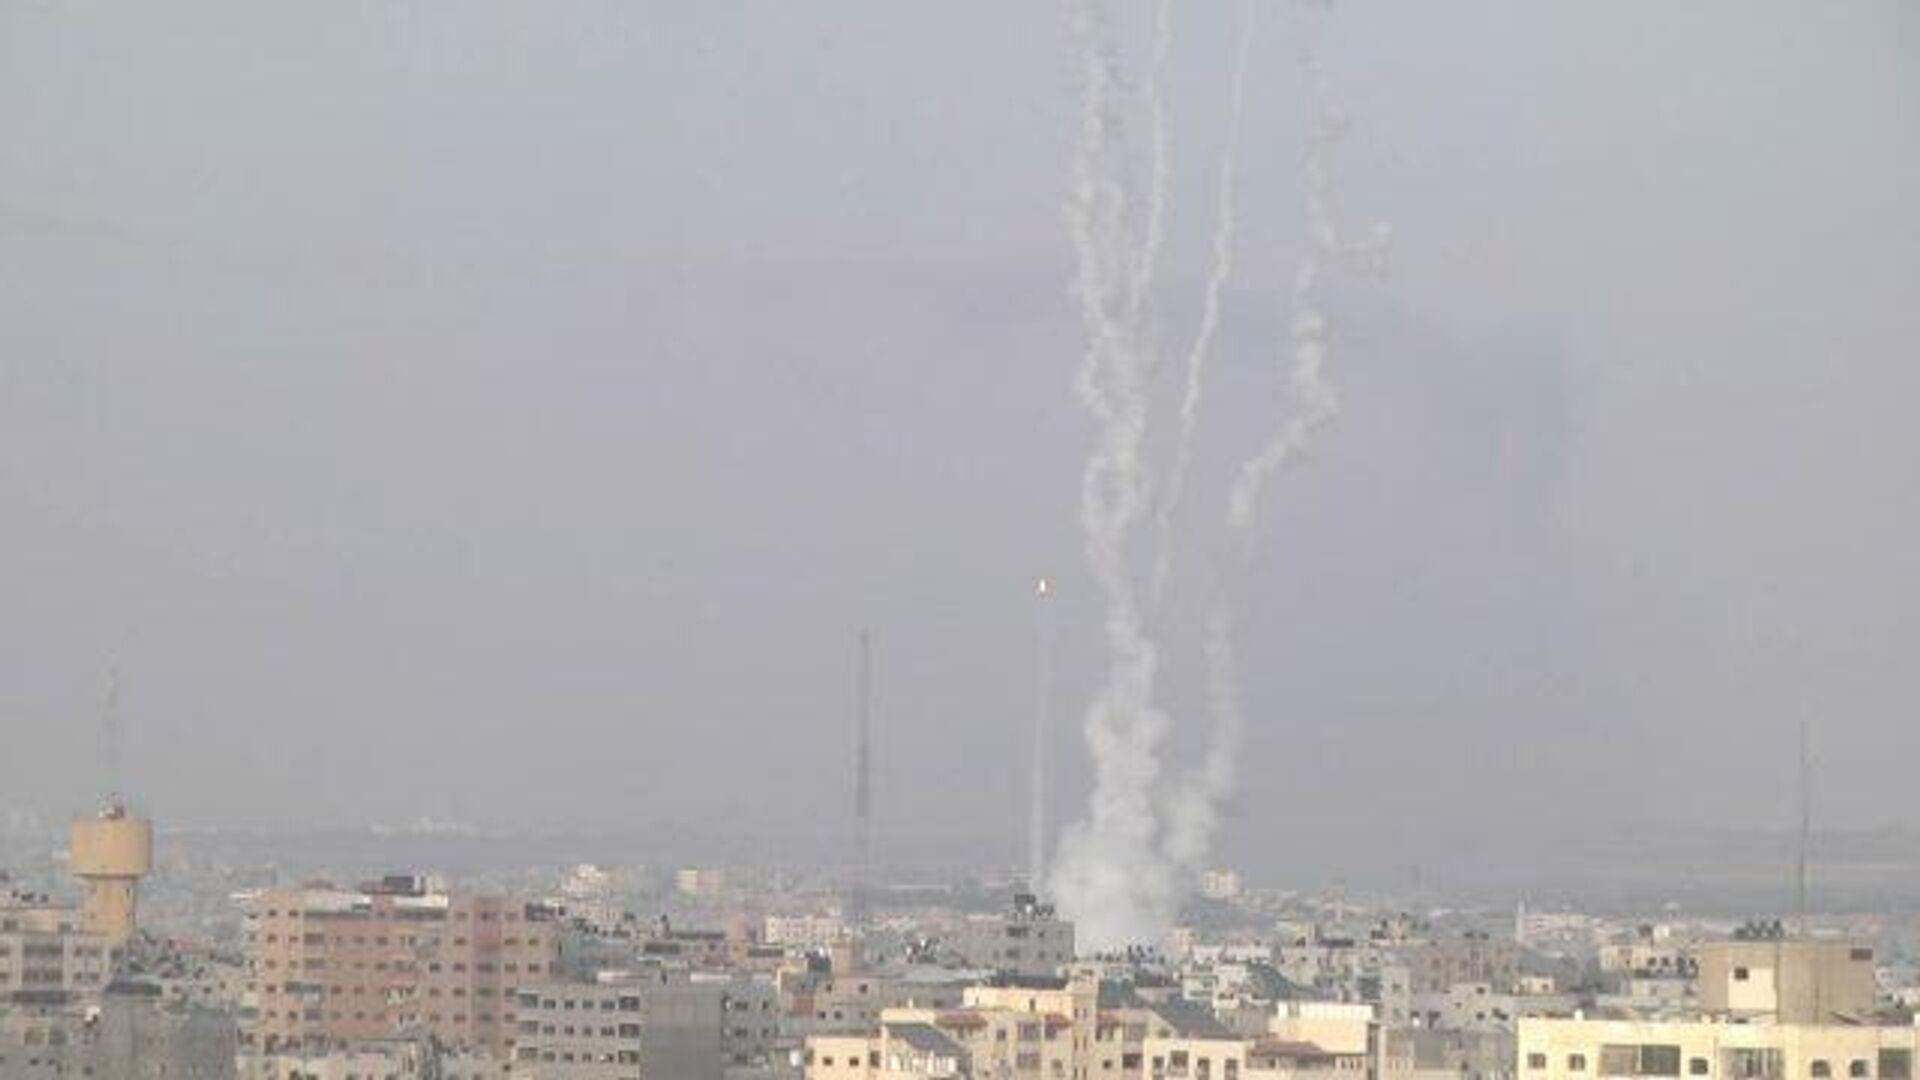 Запуск ракет военного крыла ХАМАС над сектором Газа - РИА Новости, 1920, 11.05.2021